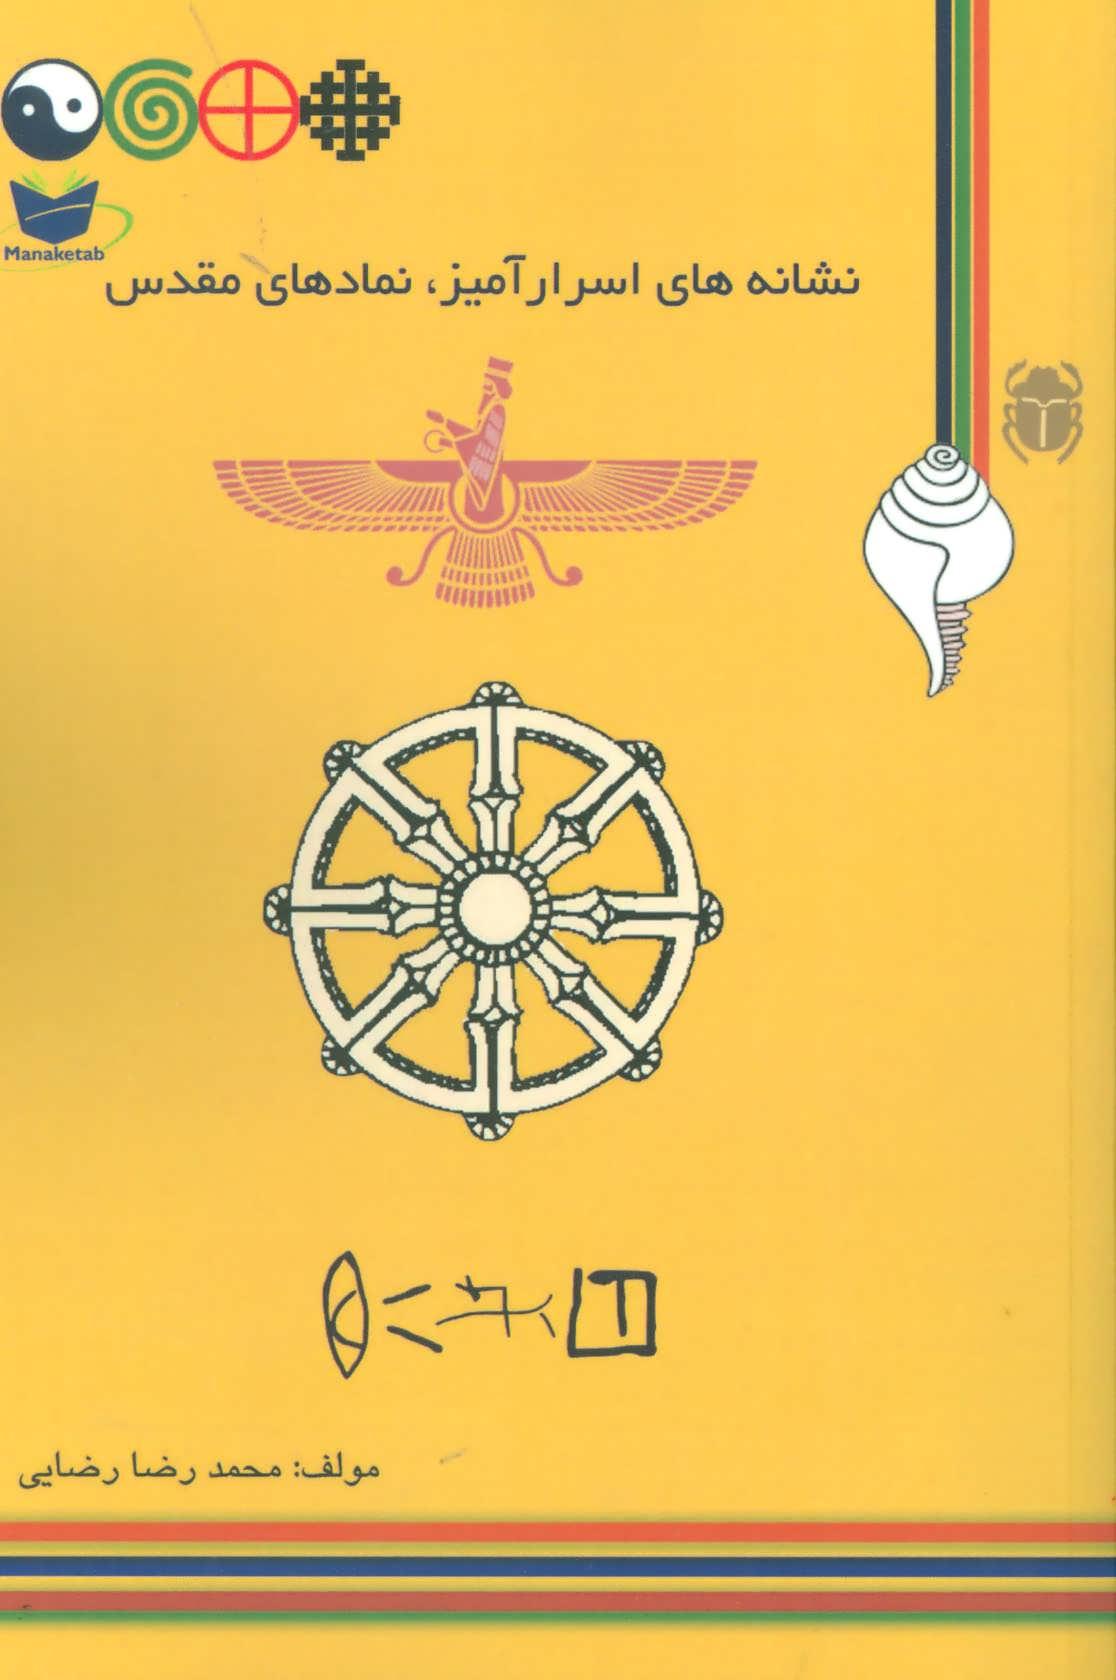 کتاب نشانههای اسرارآمیز، نمادهای مقدس (منابع الکترونیکی: کتاب)